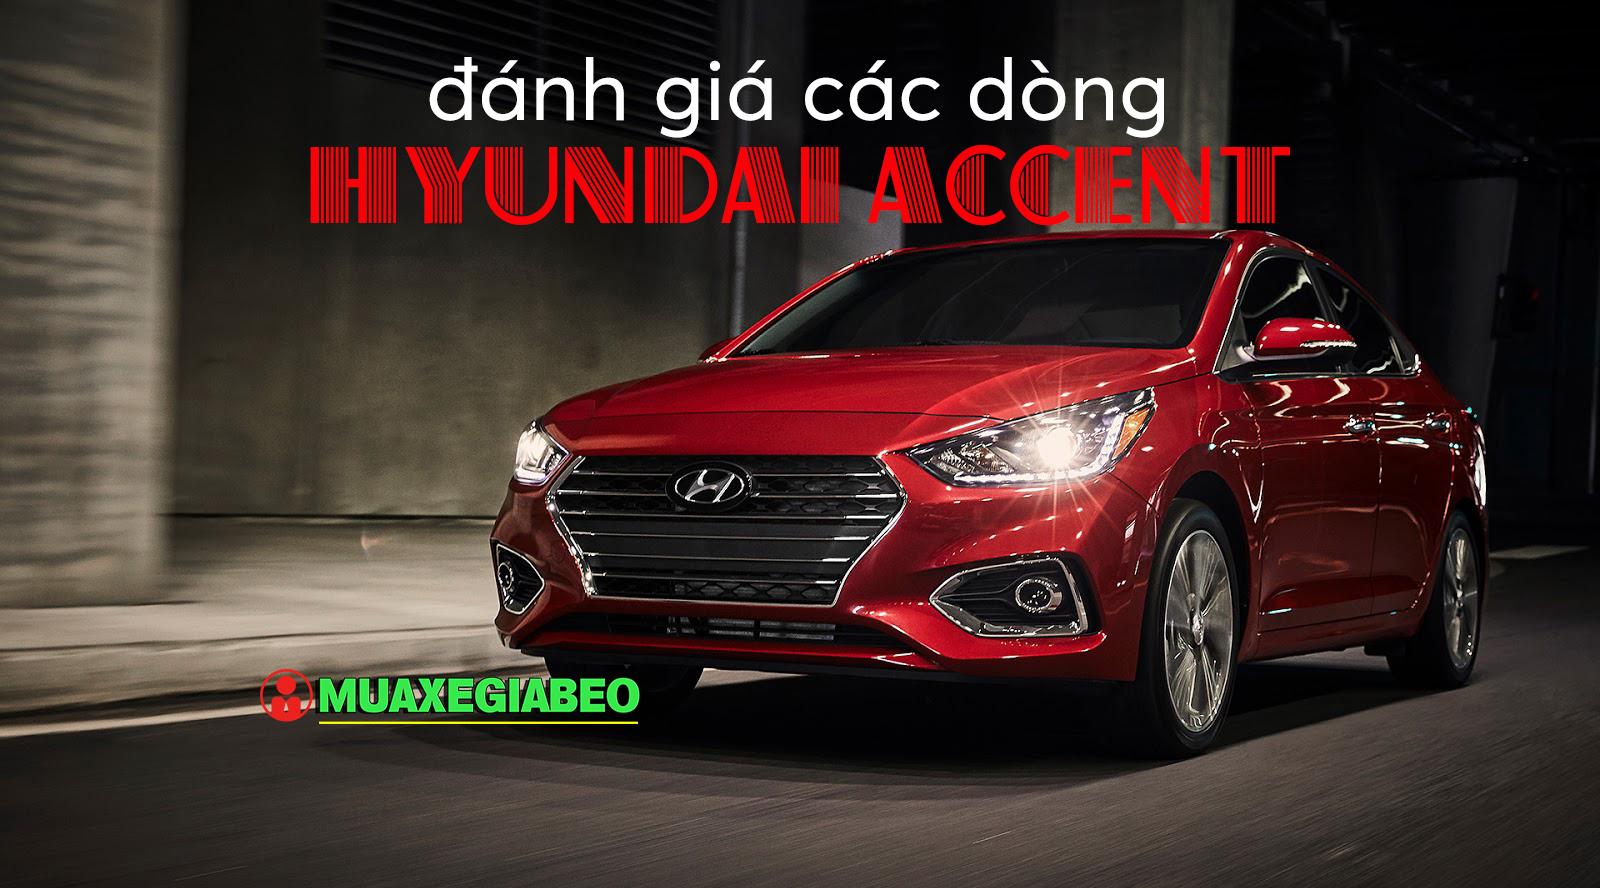 Hyundai accent ảnh 20